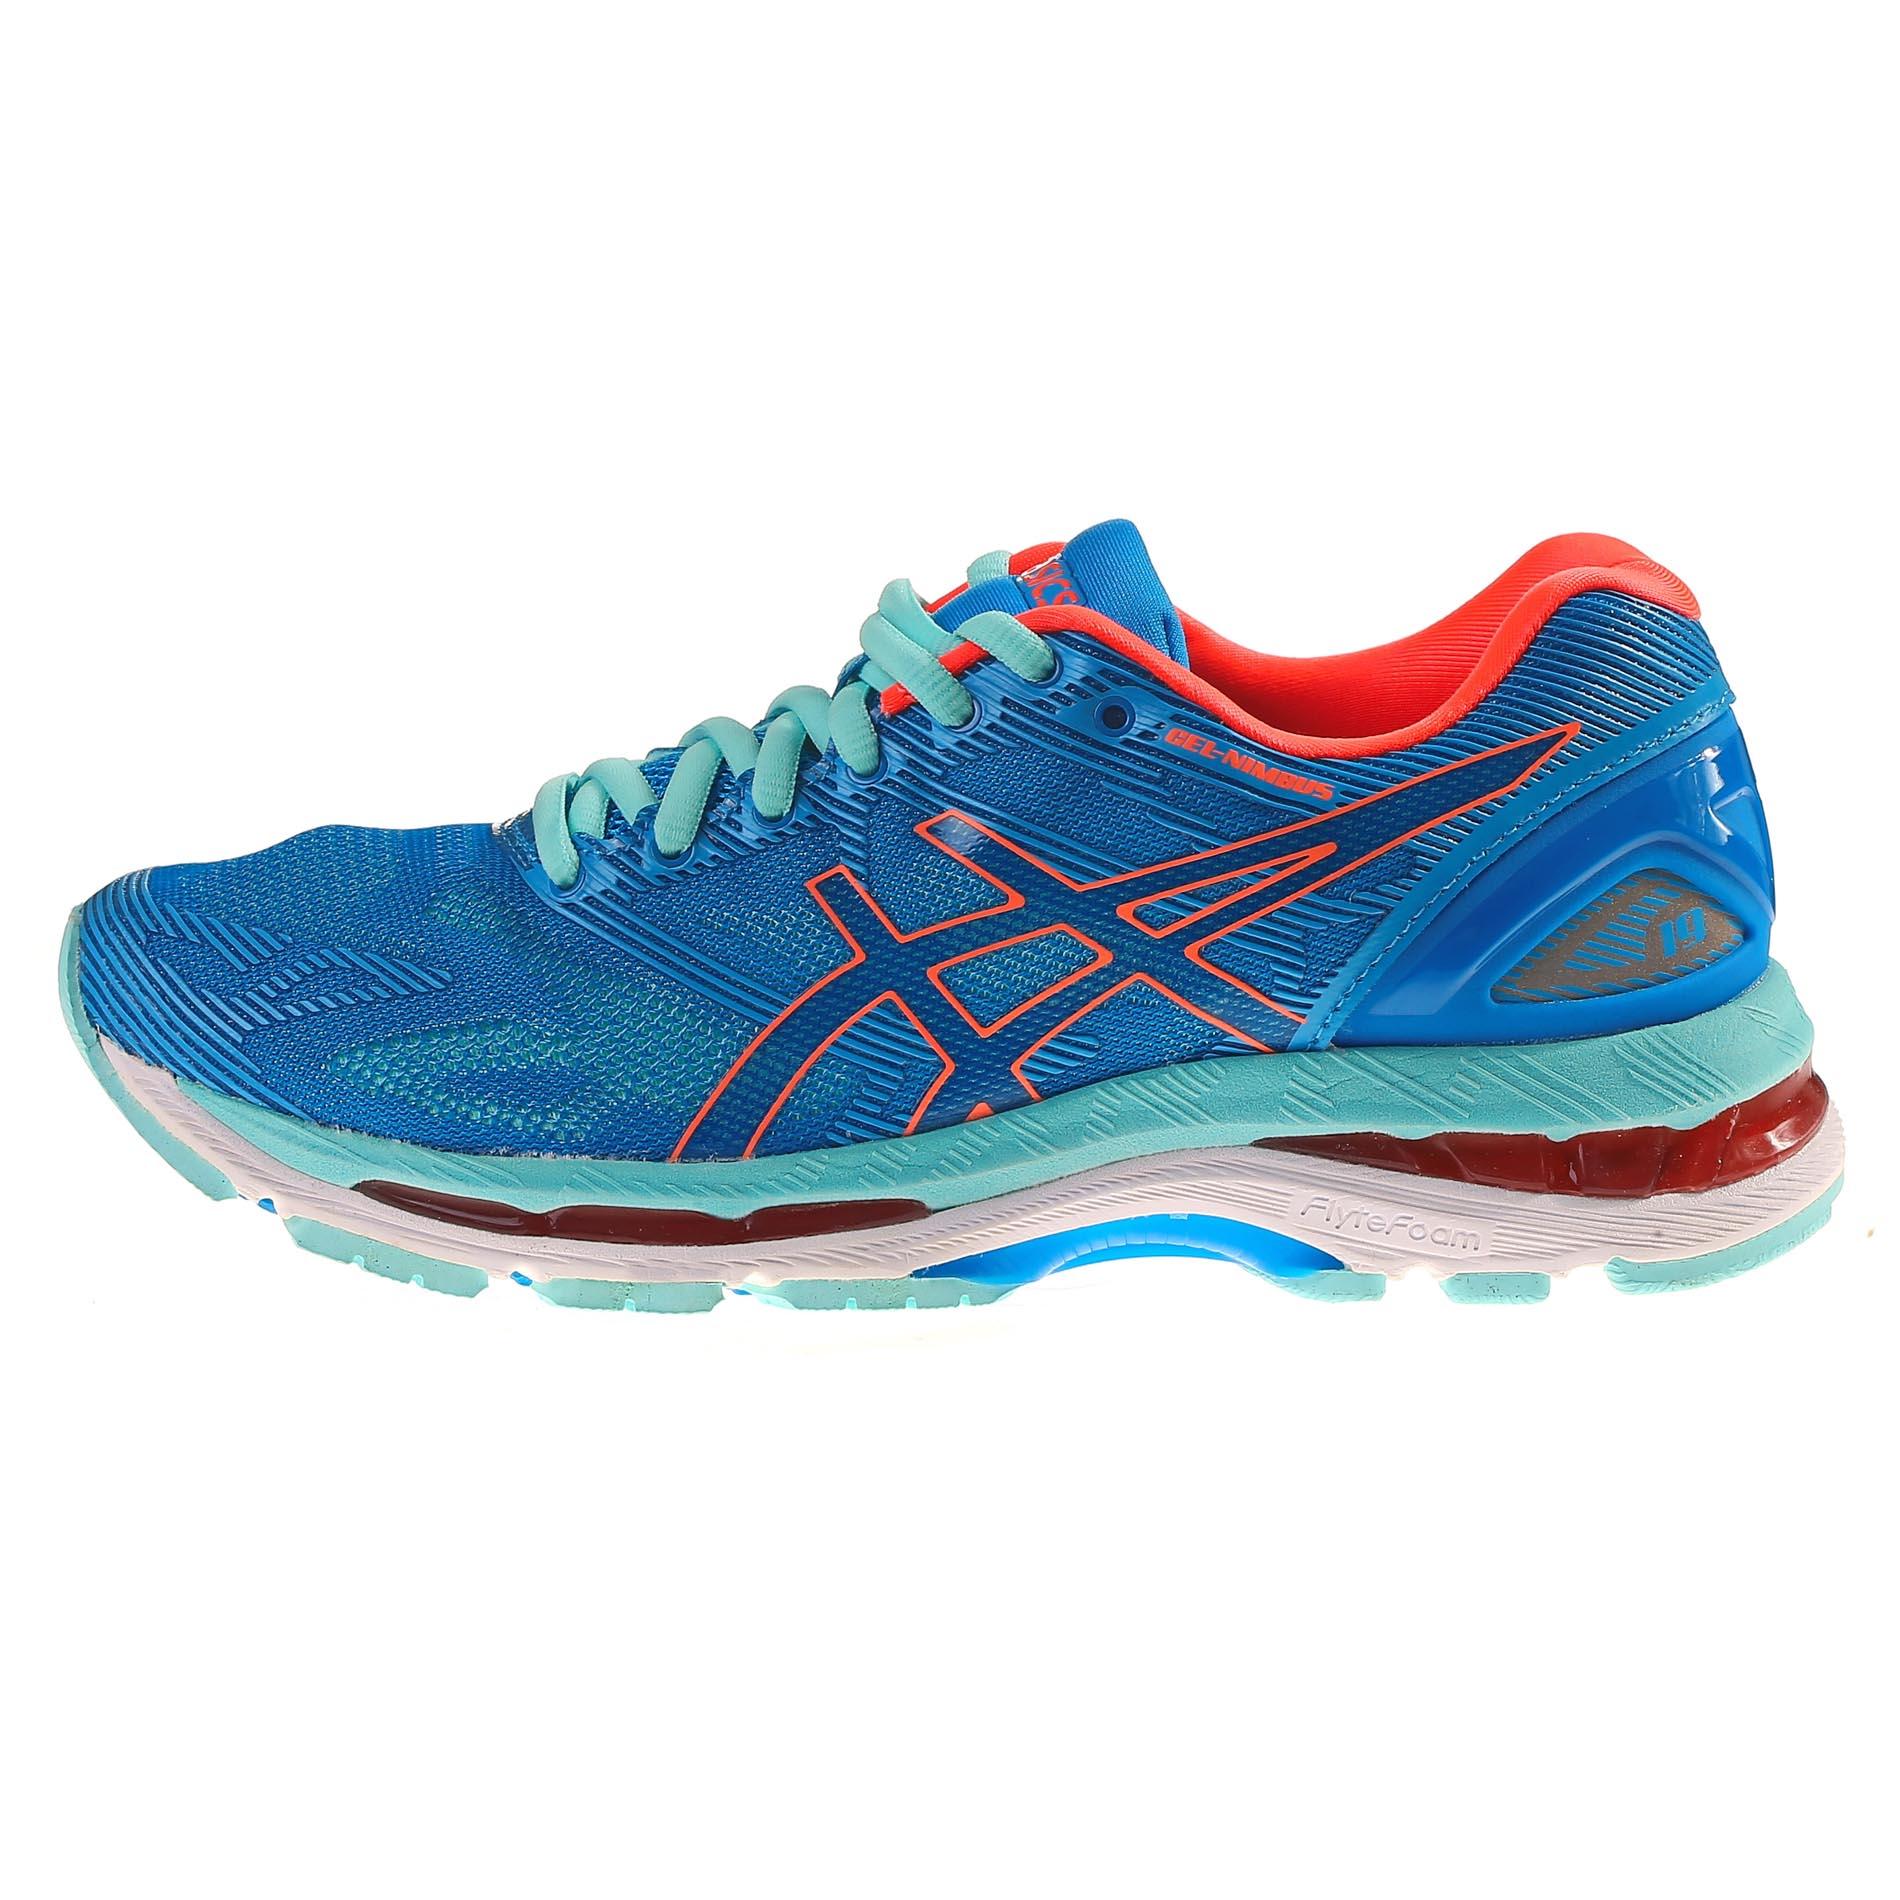 מעולה  LimeShoes - נעלי ריצה לנשים אסיקס GEL-Nimbus 19 - איכות פורצת דרך DU-12